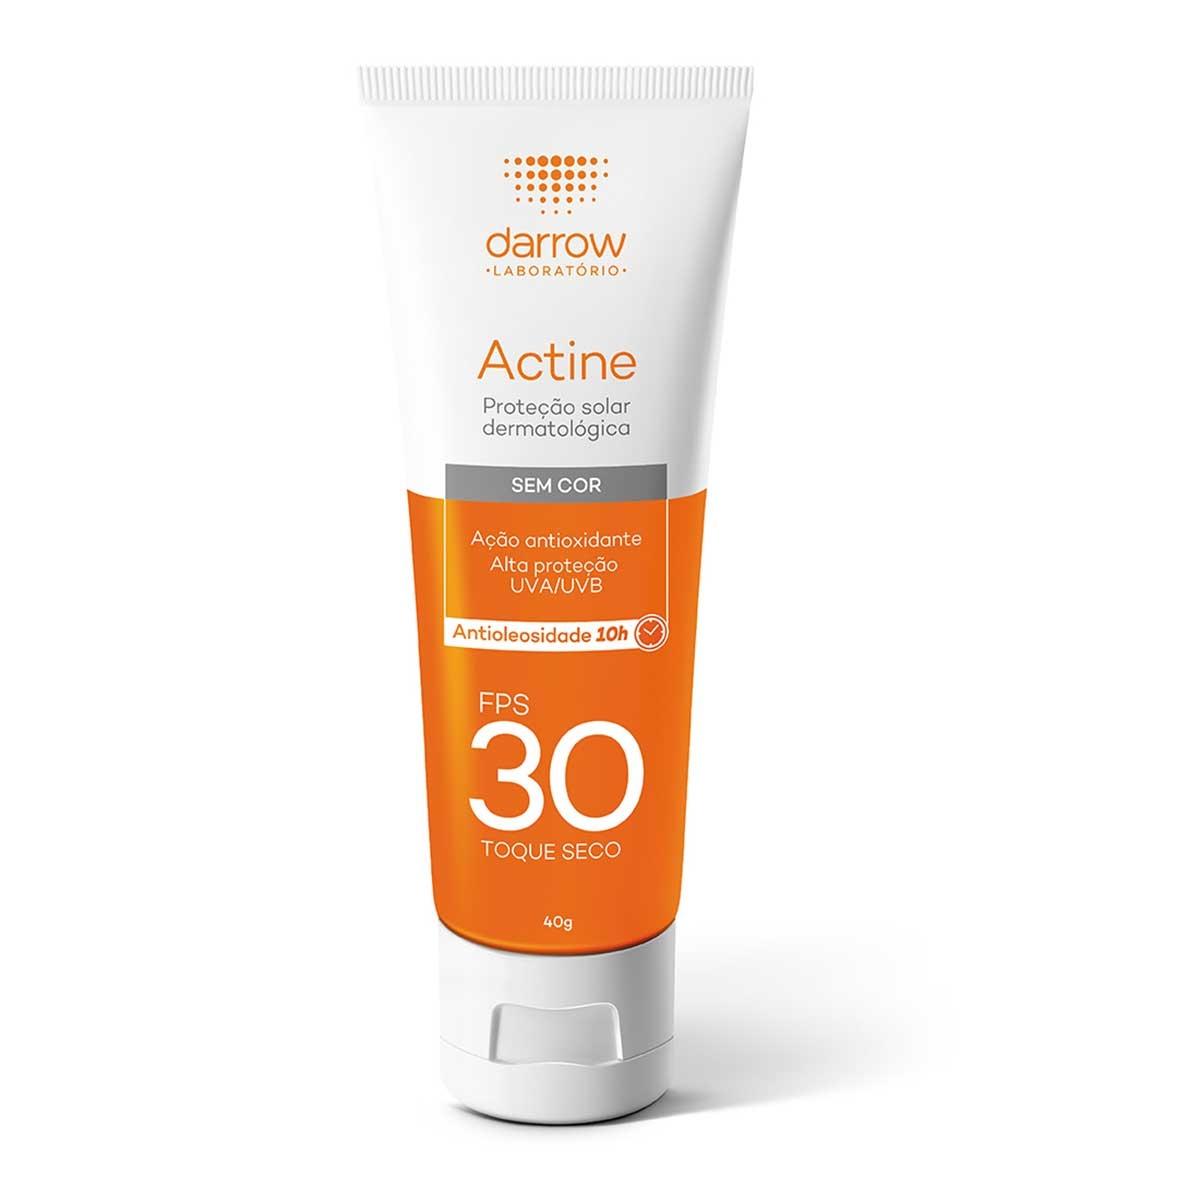 Protetor Solar Facial Actine Sem Cor FPS 30 com 40g Darrow 40g